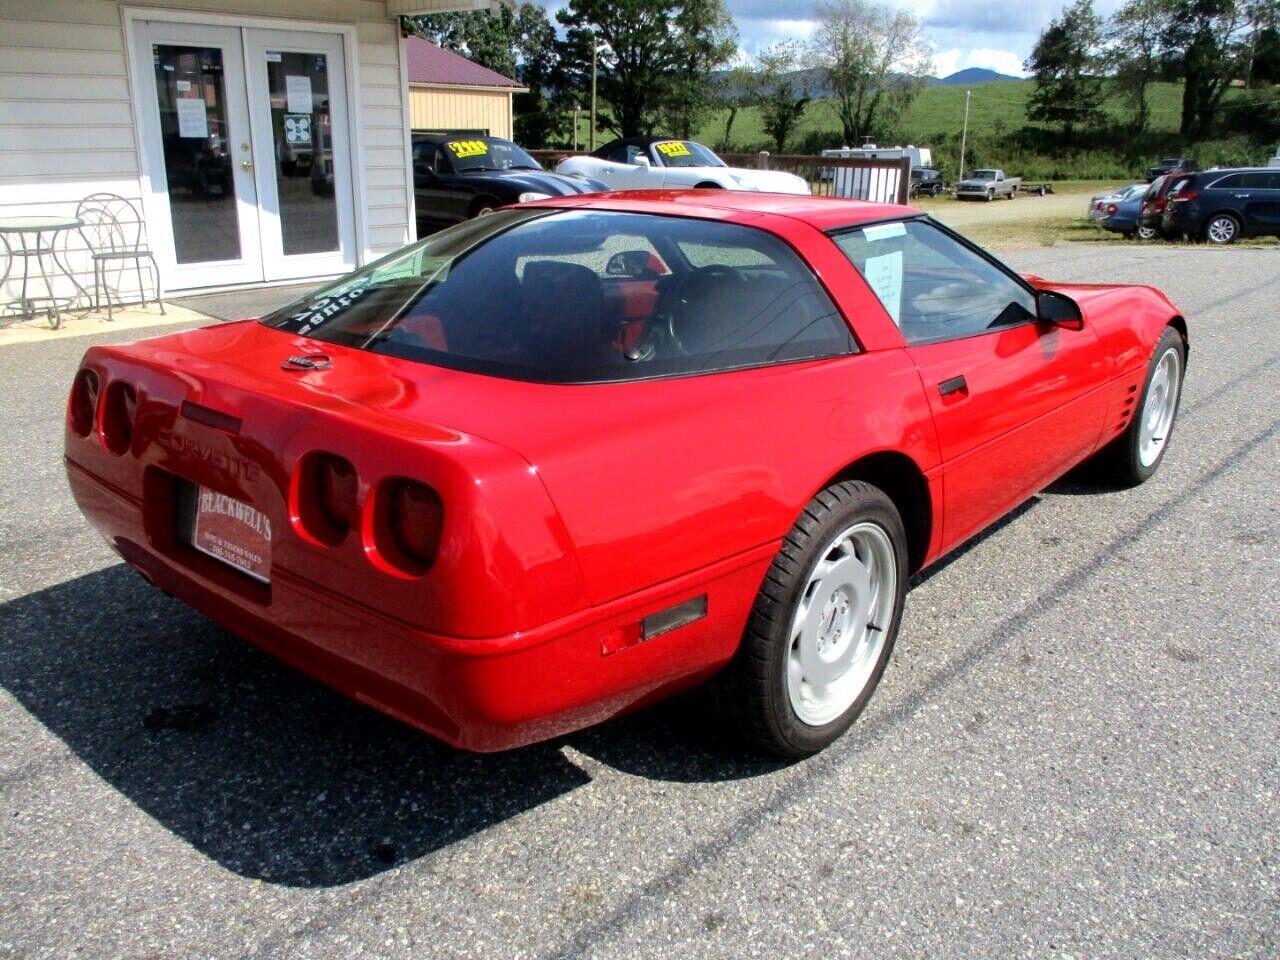 1991 Red Chevrolet Corvette Coupe  | C4 Corvette Photo 3